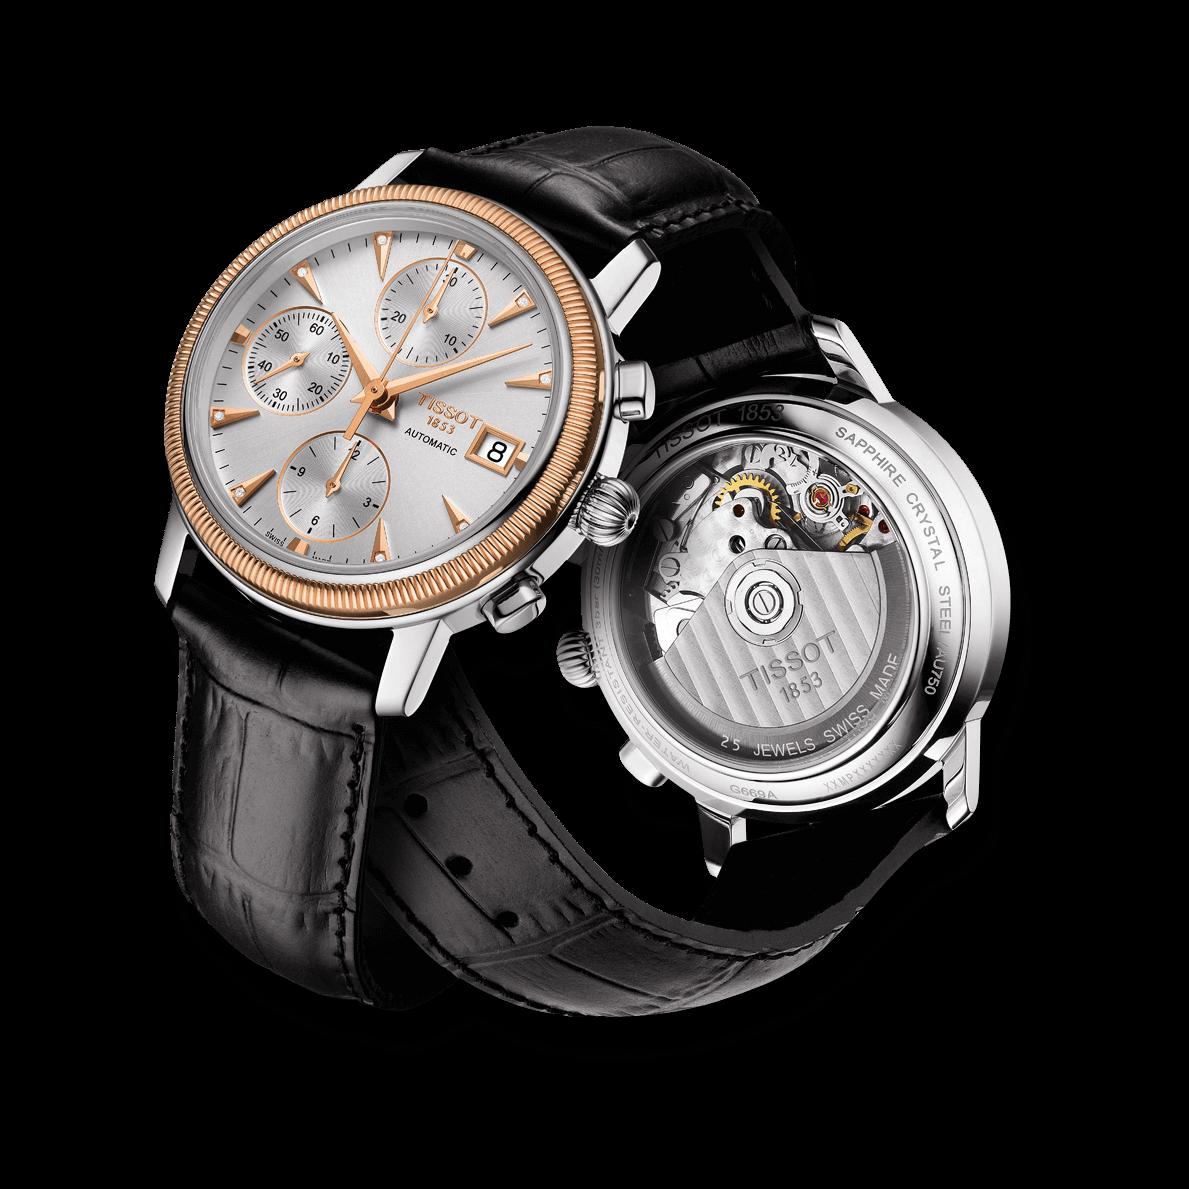 8cb3f0ce3 Herrenuhr Tissot Bridgeport Automatic Chronograph Gent mit Diamanten,  silberfarbenem Zifferblatt und Armband aus Kalbsleder mit